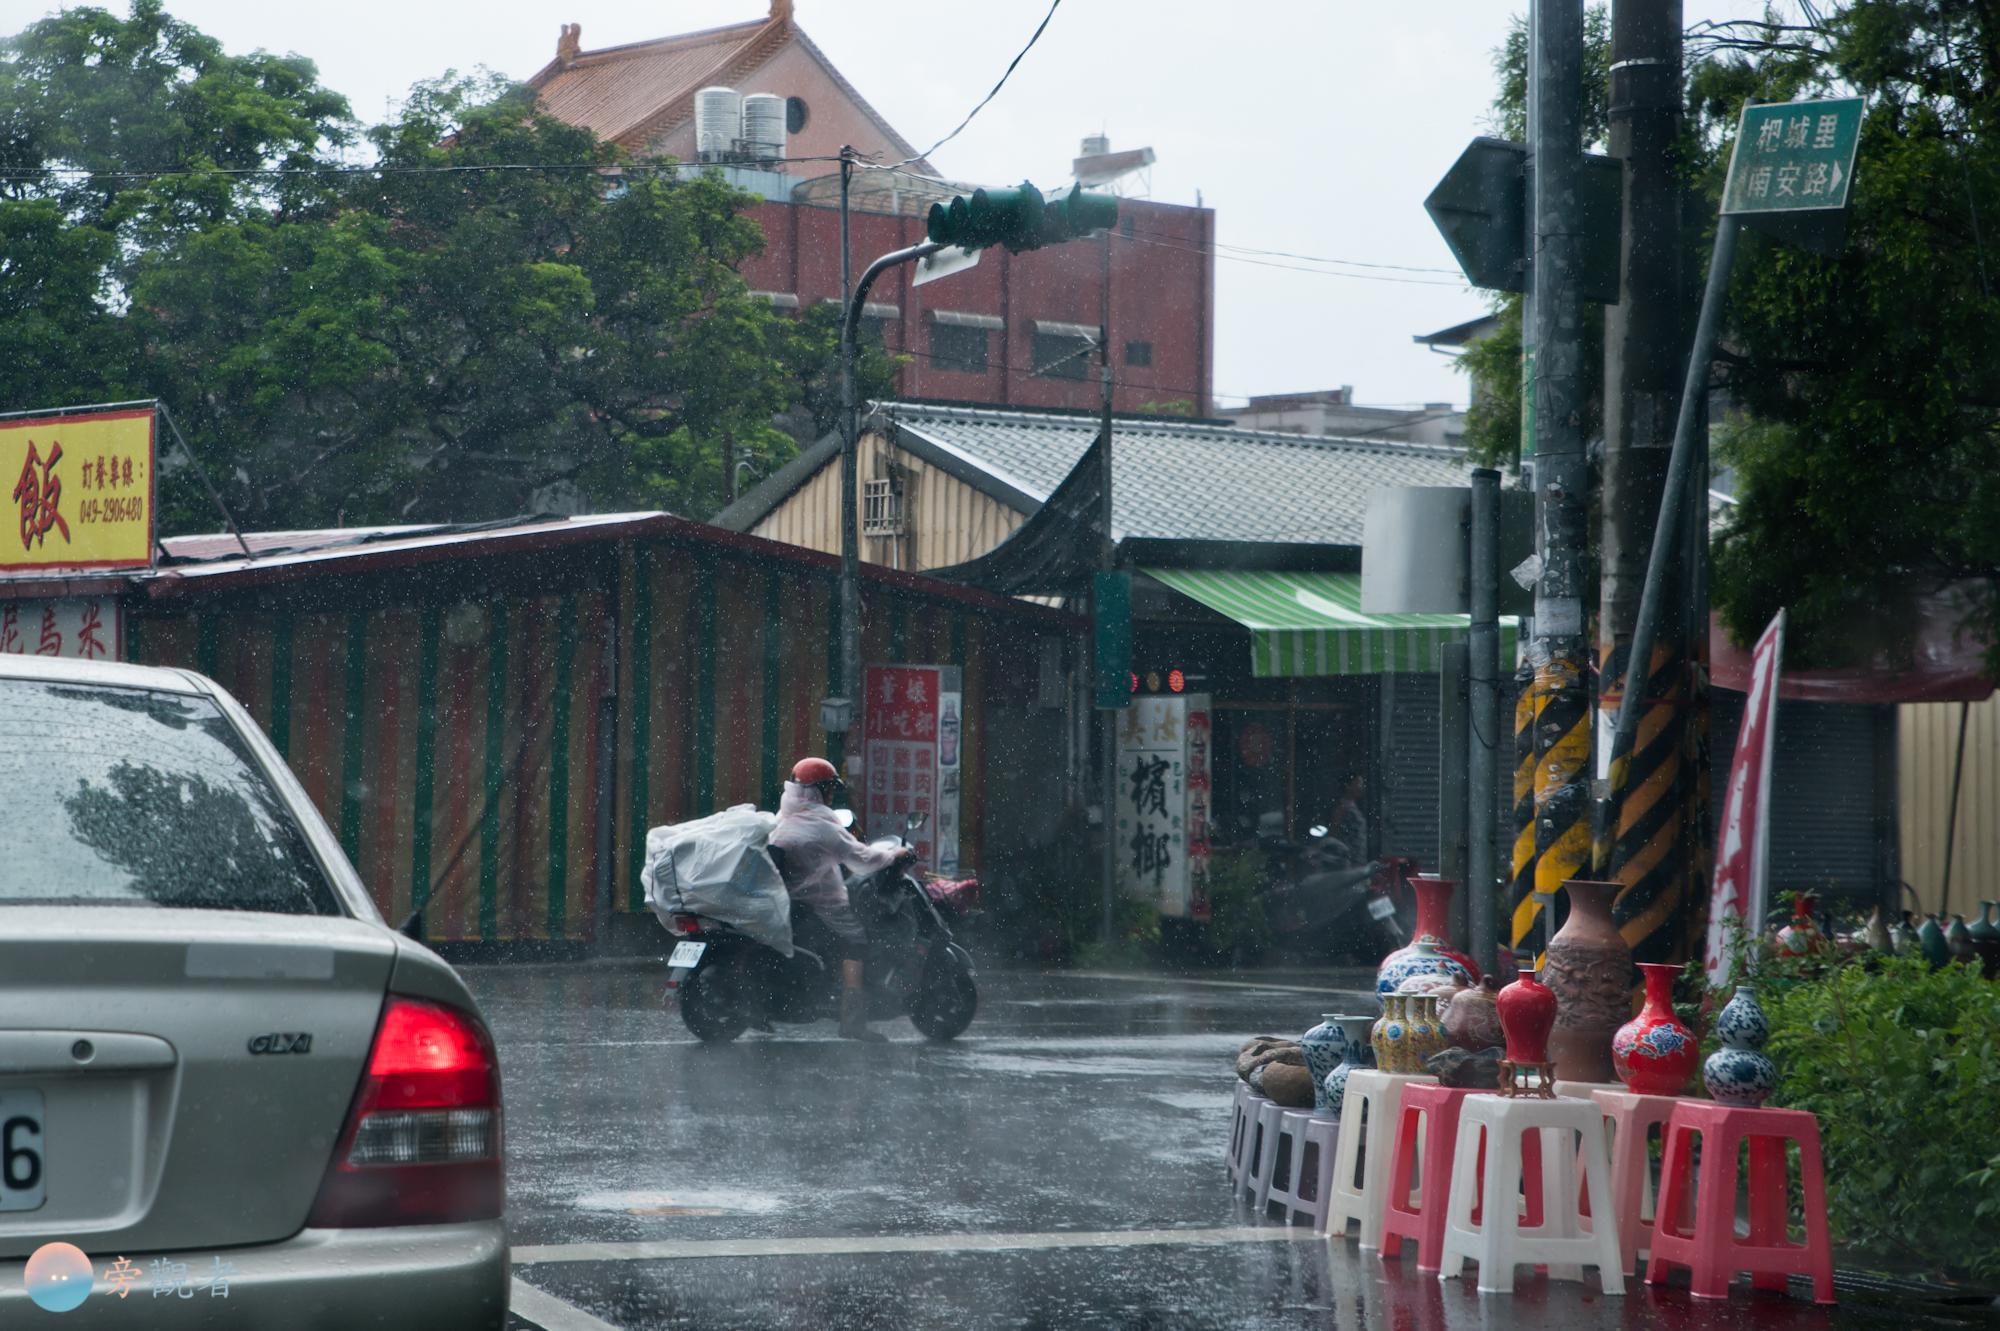 雨天的街景。南投埔里杷城